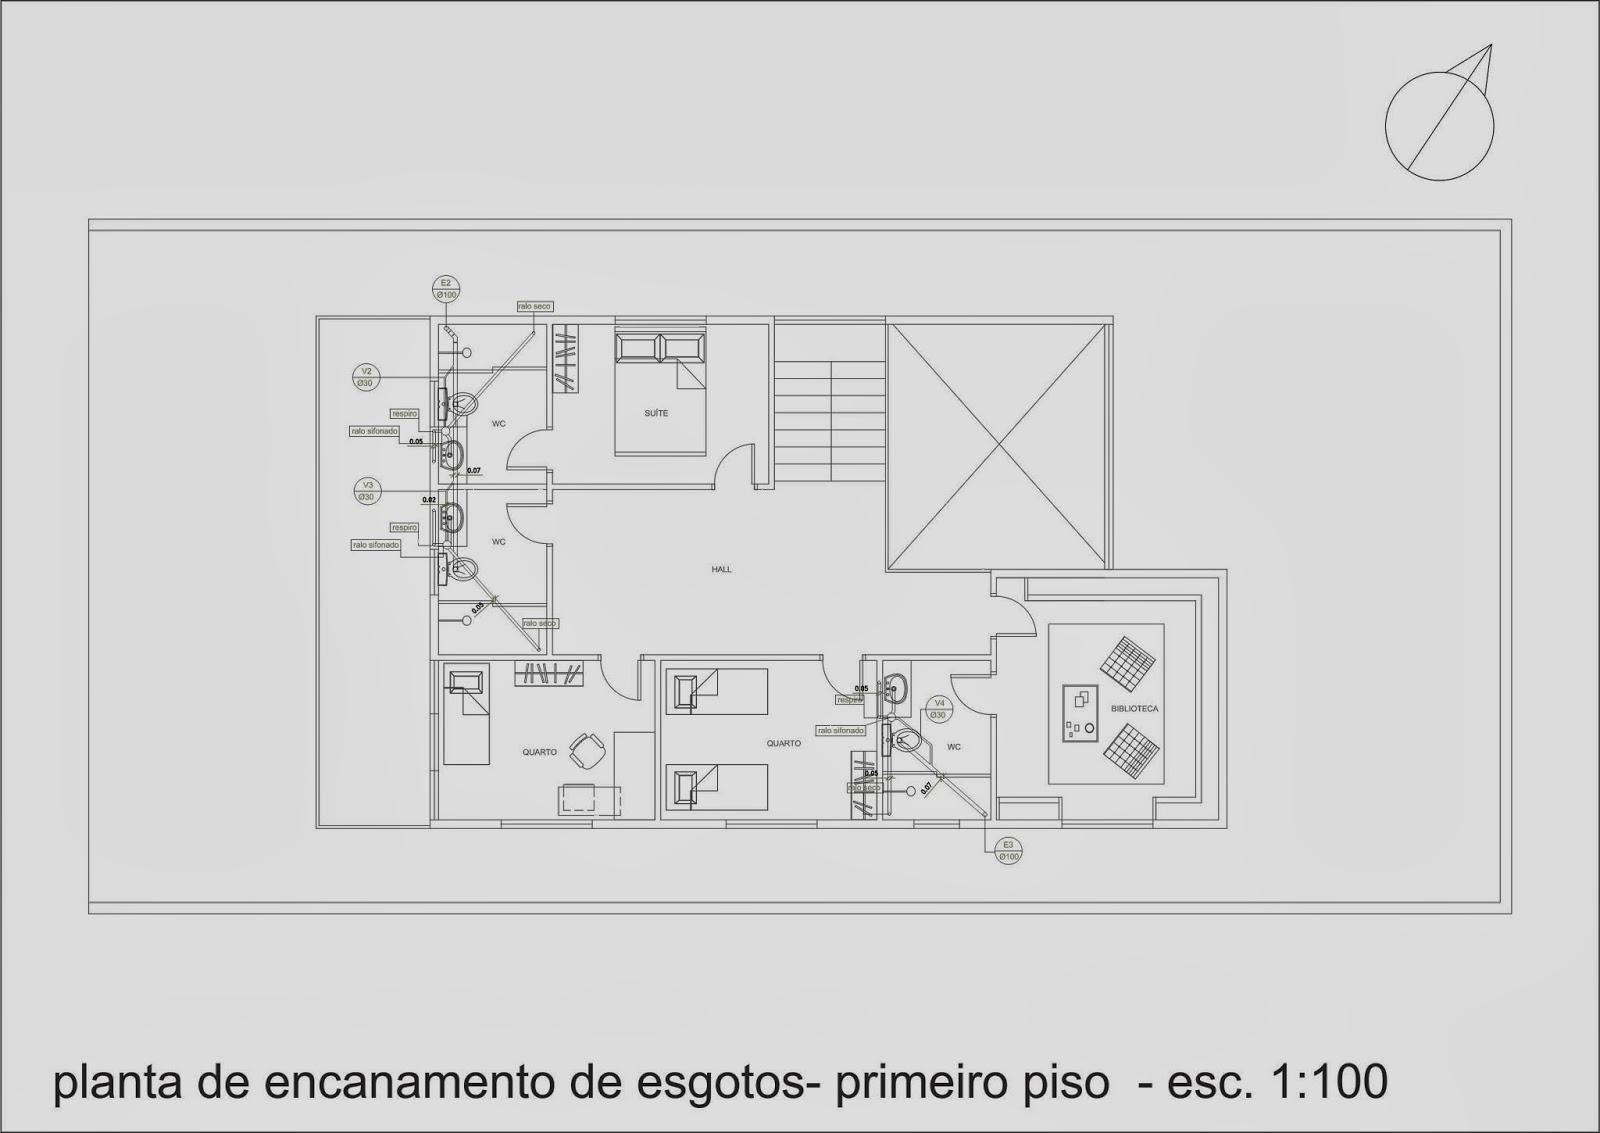 Pellegrino : Projeto de instalações hidráulicas para residência #696A61 1600 1133